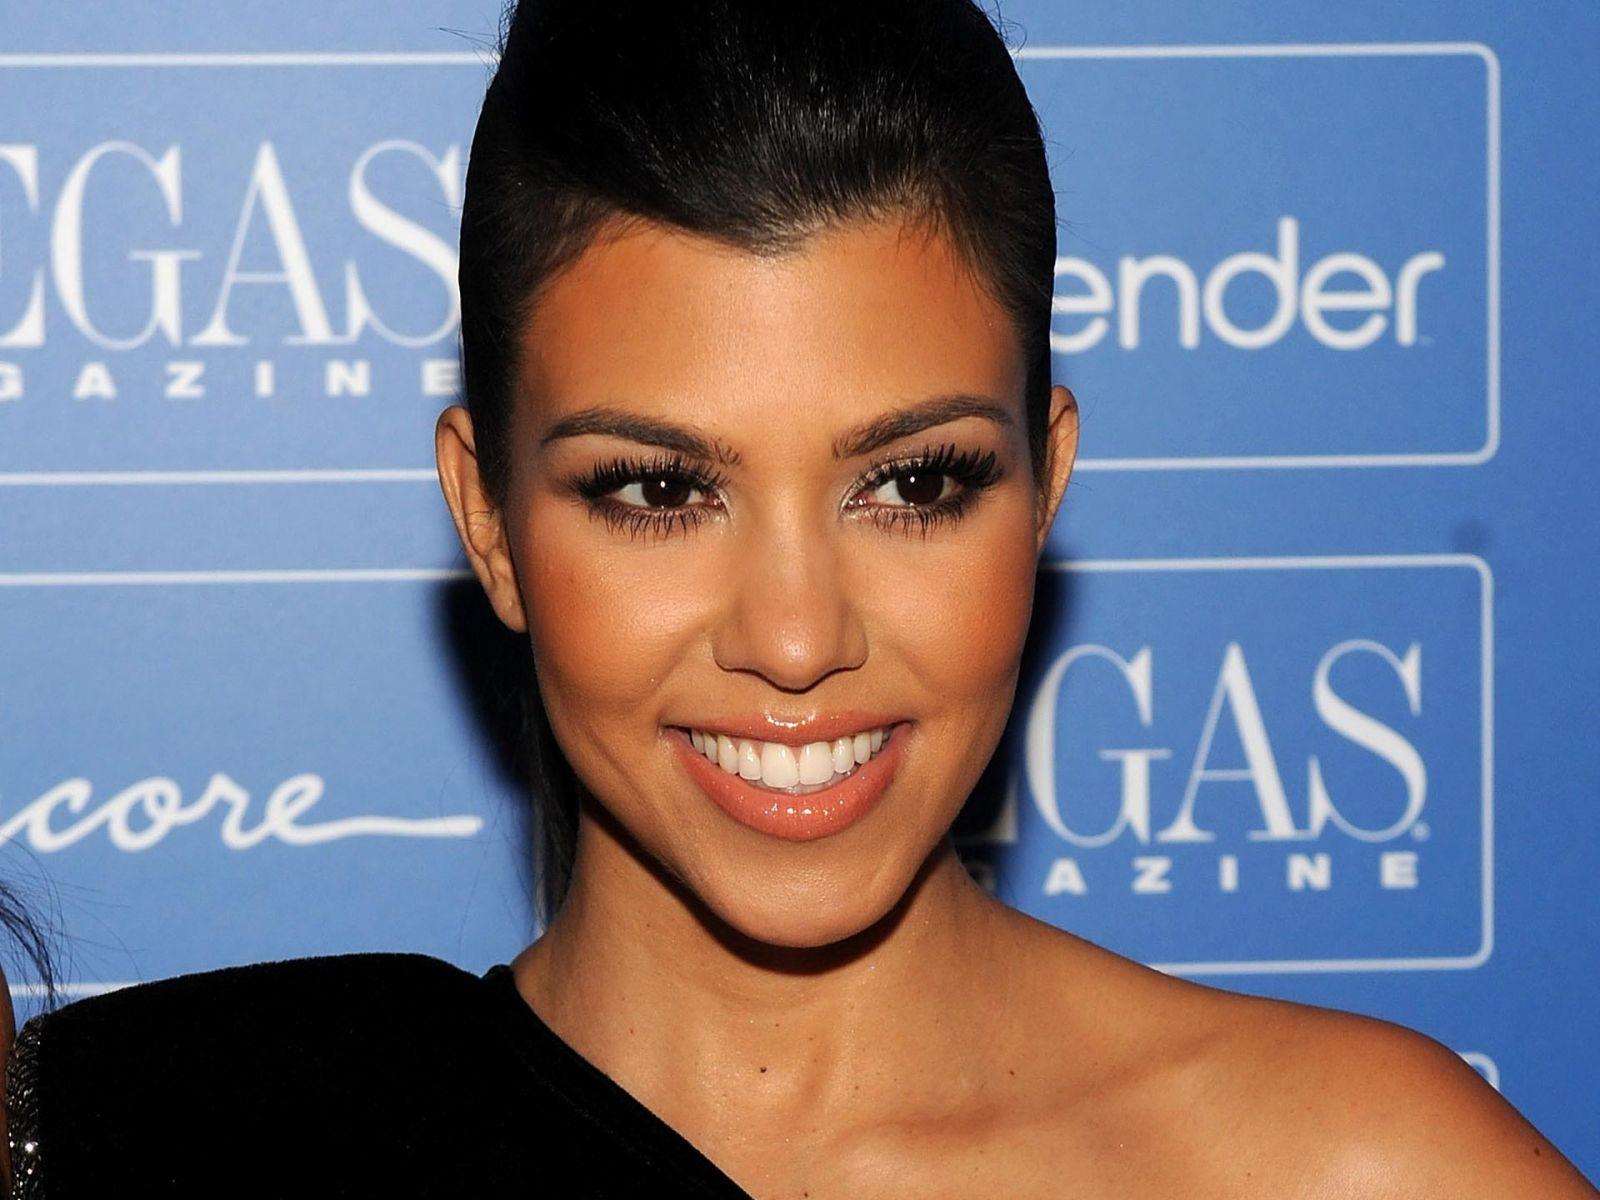 Kourtney Kardashian Follows in Kims Footsteps With Her